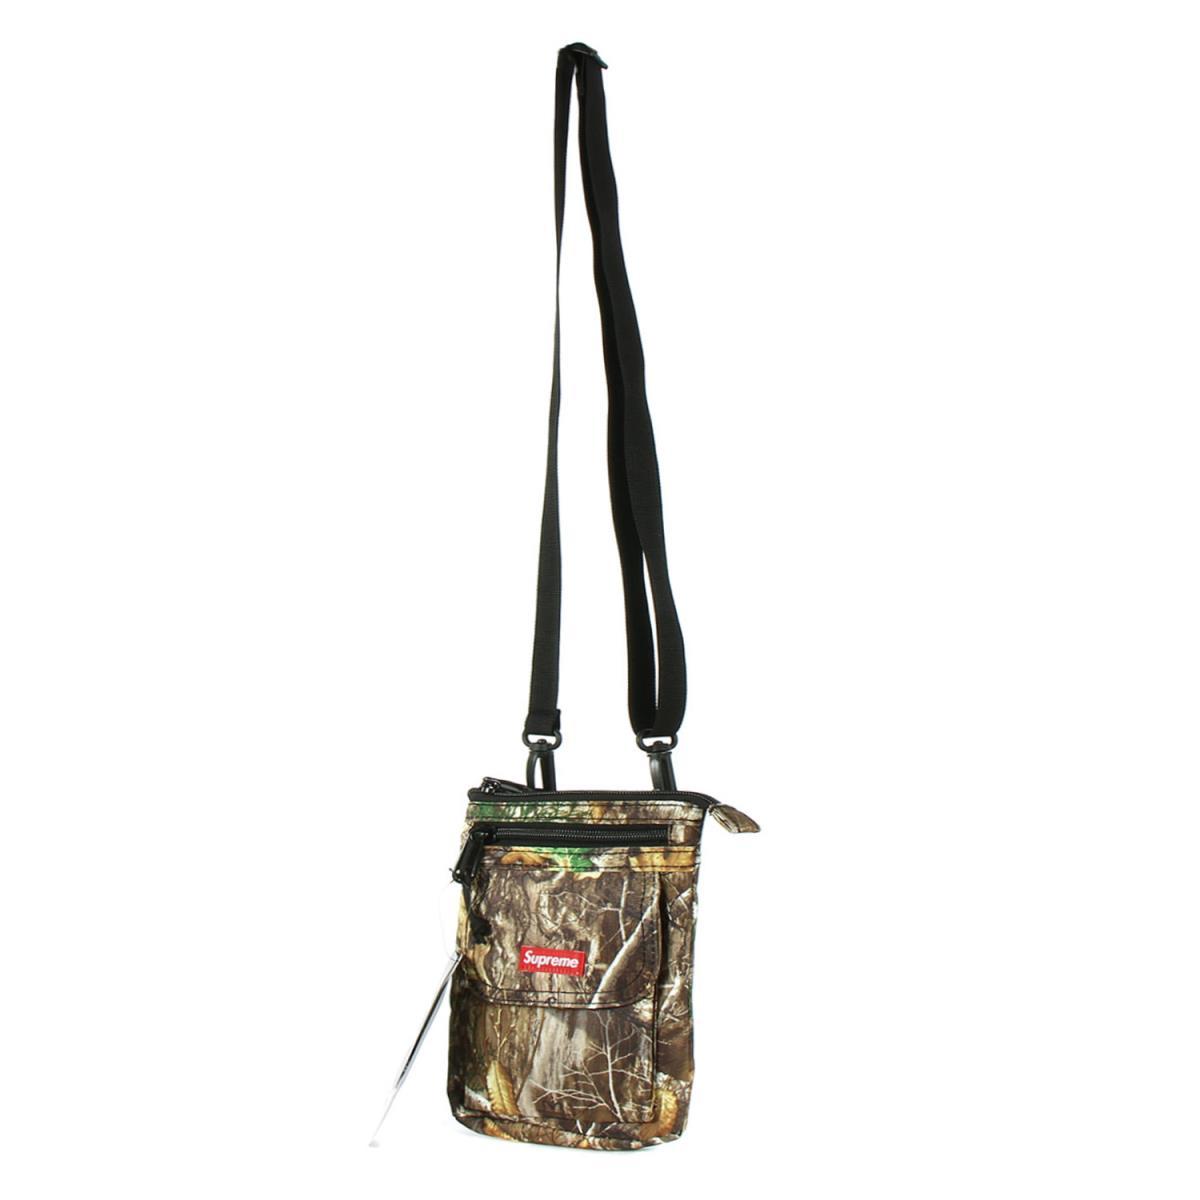 Supreme (シュプリーム) バッグ 19AW カラビナ 付き コーデュラ ナイロン ショルダーバッグ Shoulder Bag ツリーカモ 【メンズ】【K2403】【あす楽☆対応可】